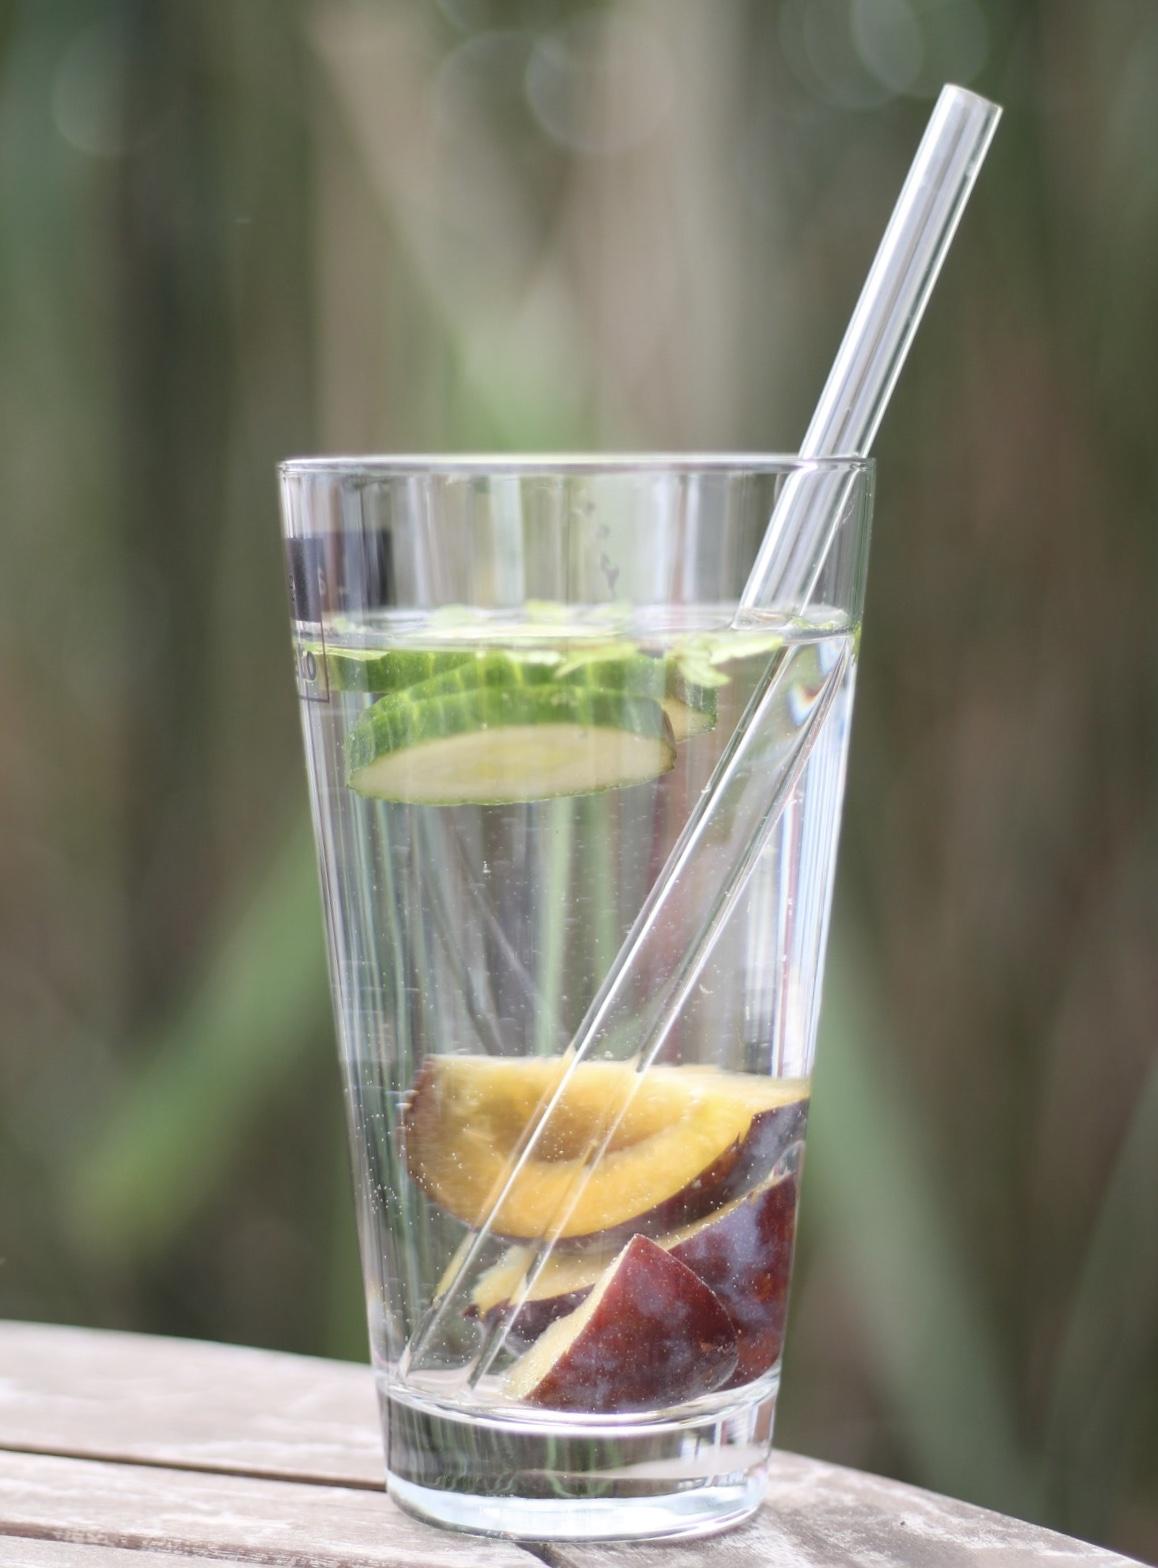 Nachhaltigkeit, Glastrinkhalme